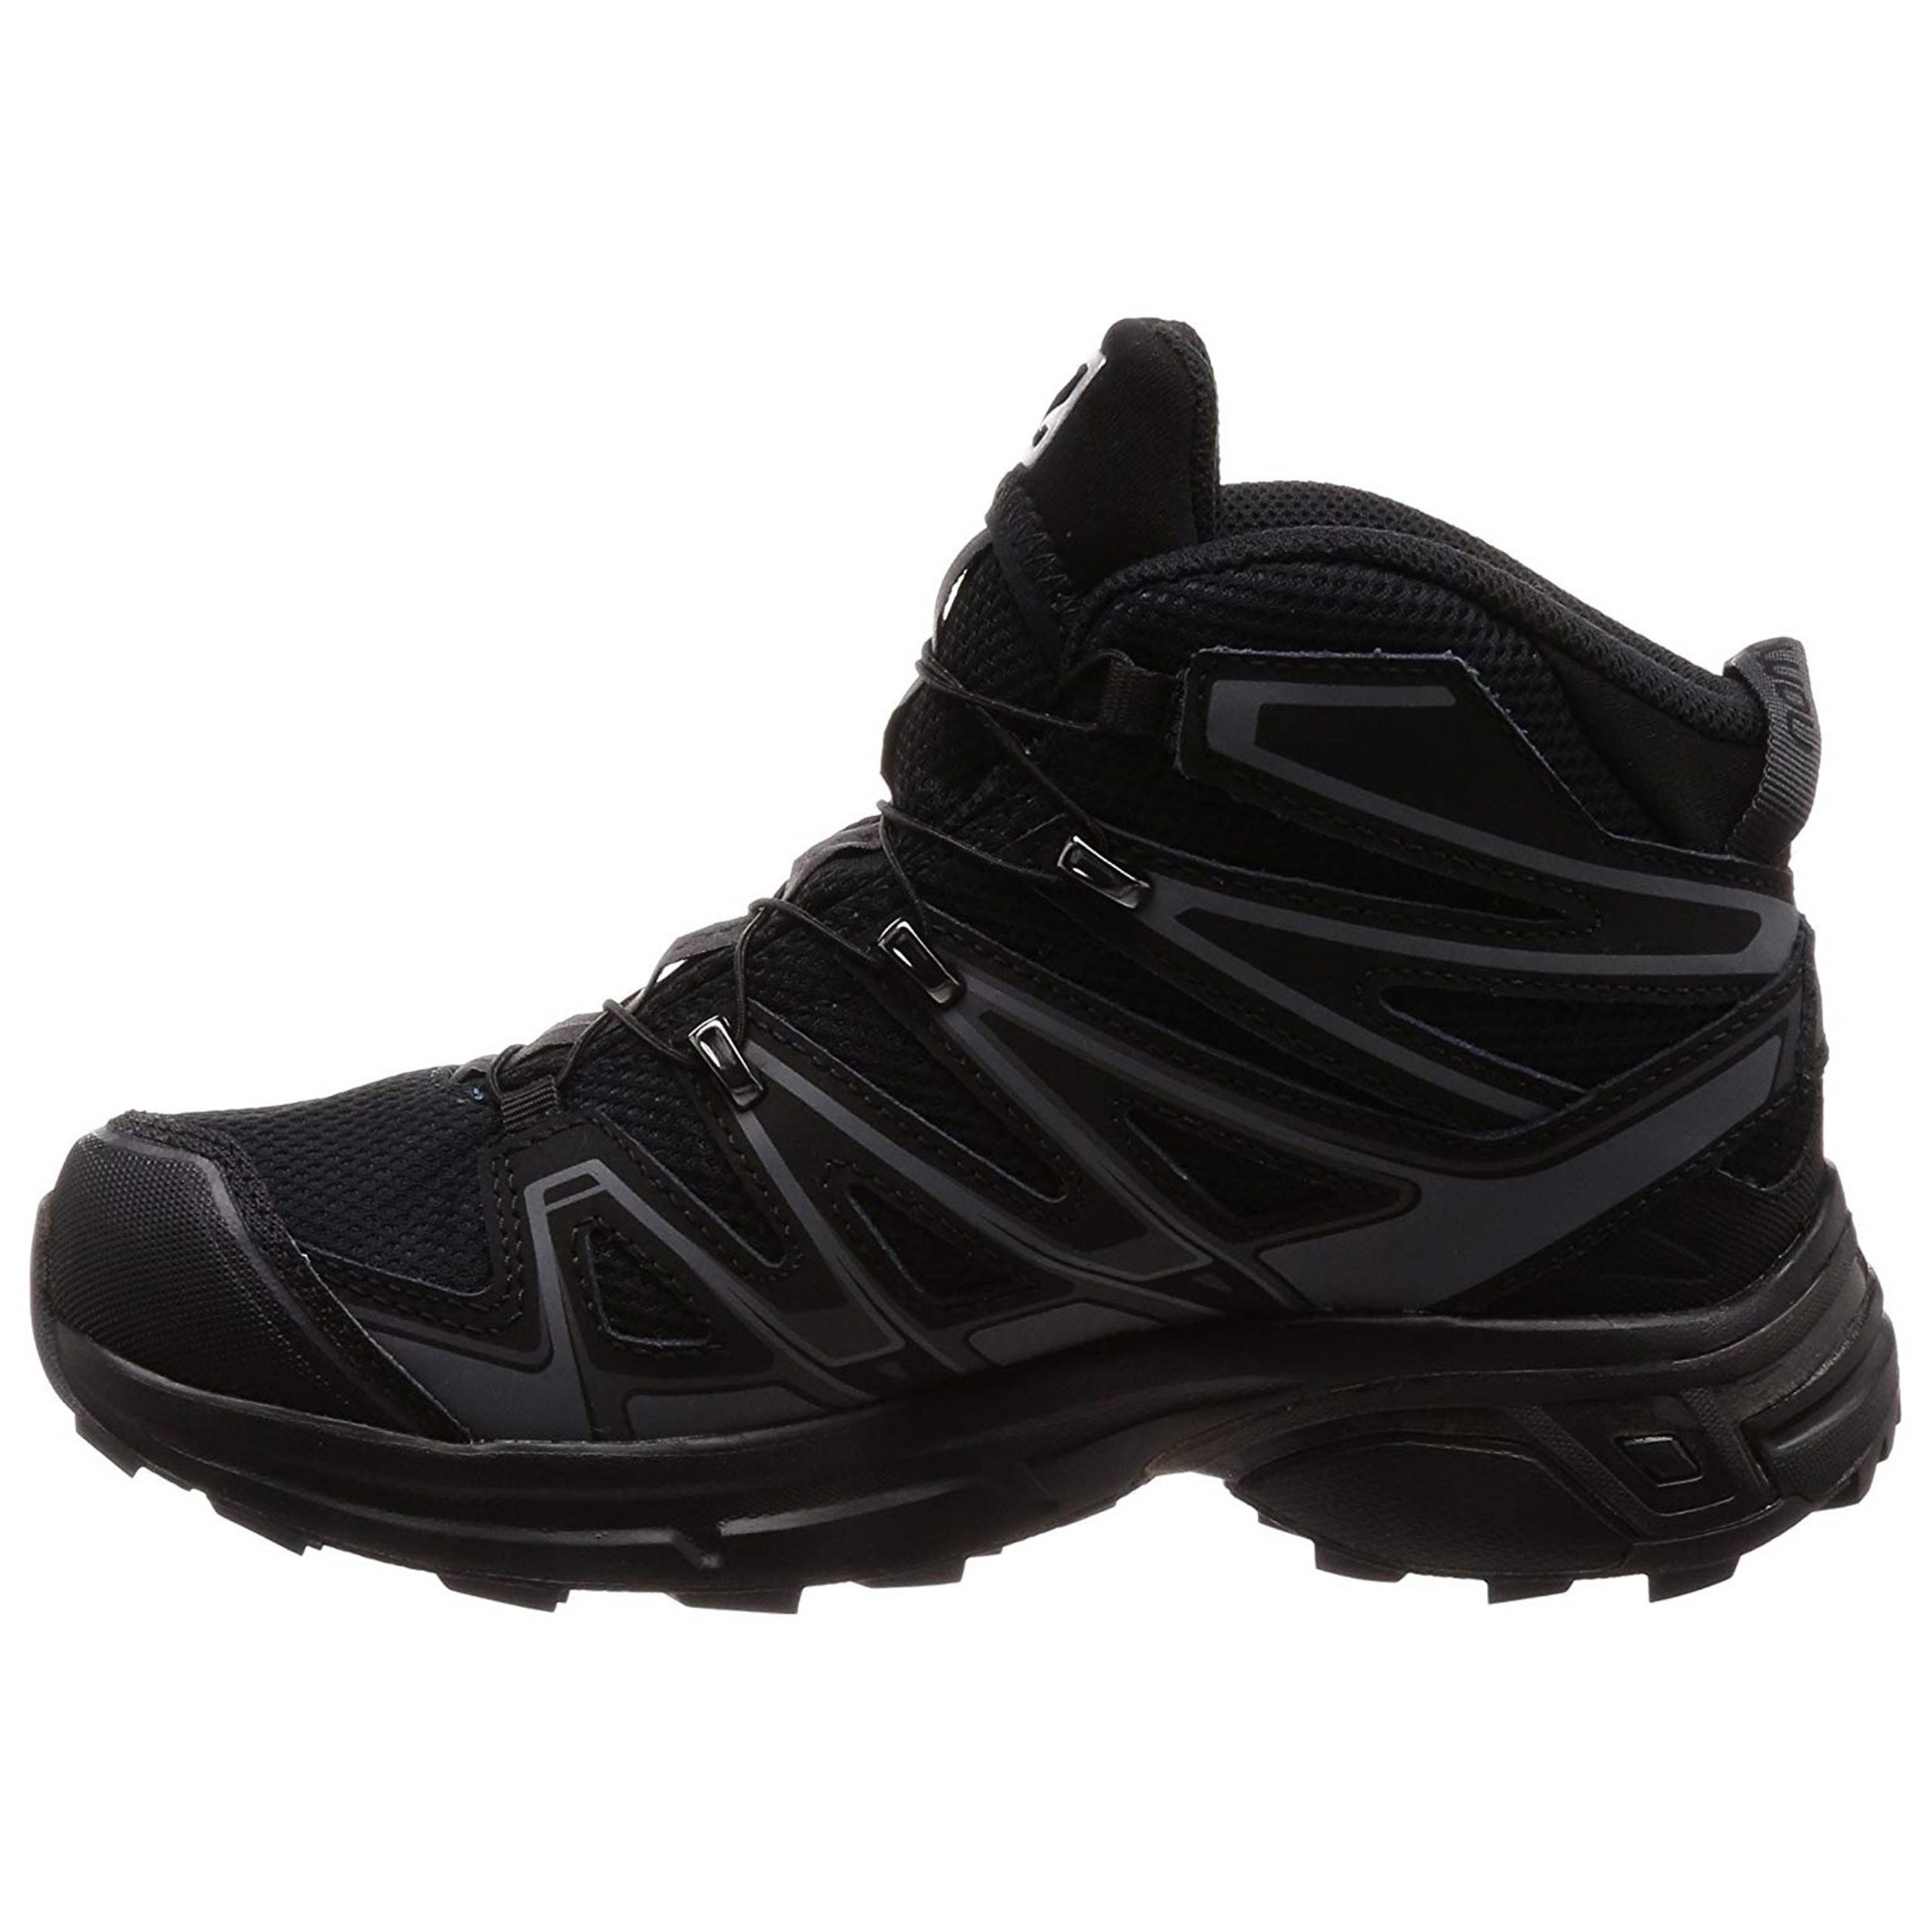 قیمت کفش کوهنوردی مردانه سالومون مدل 399050 MIRACLE